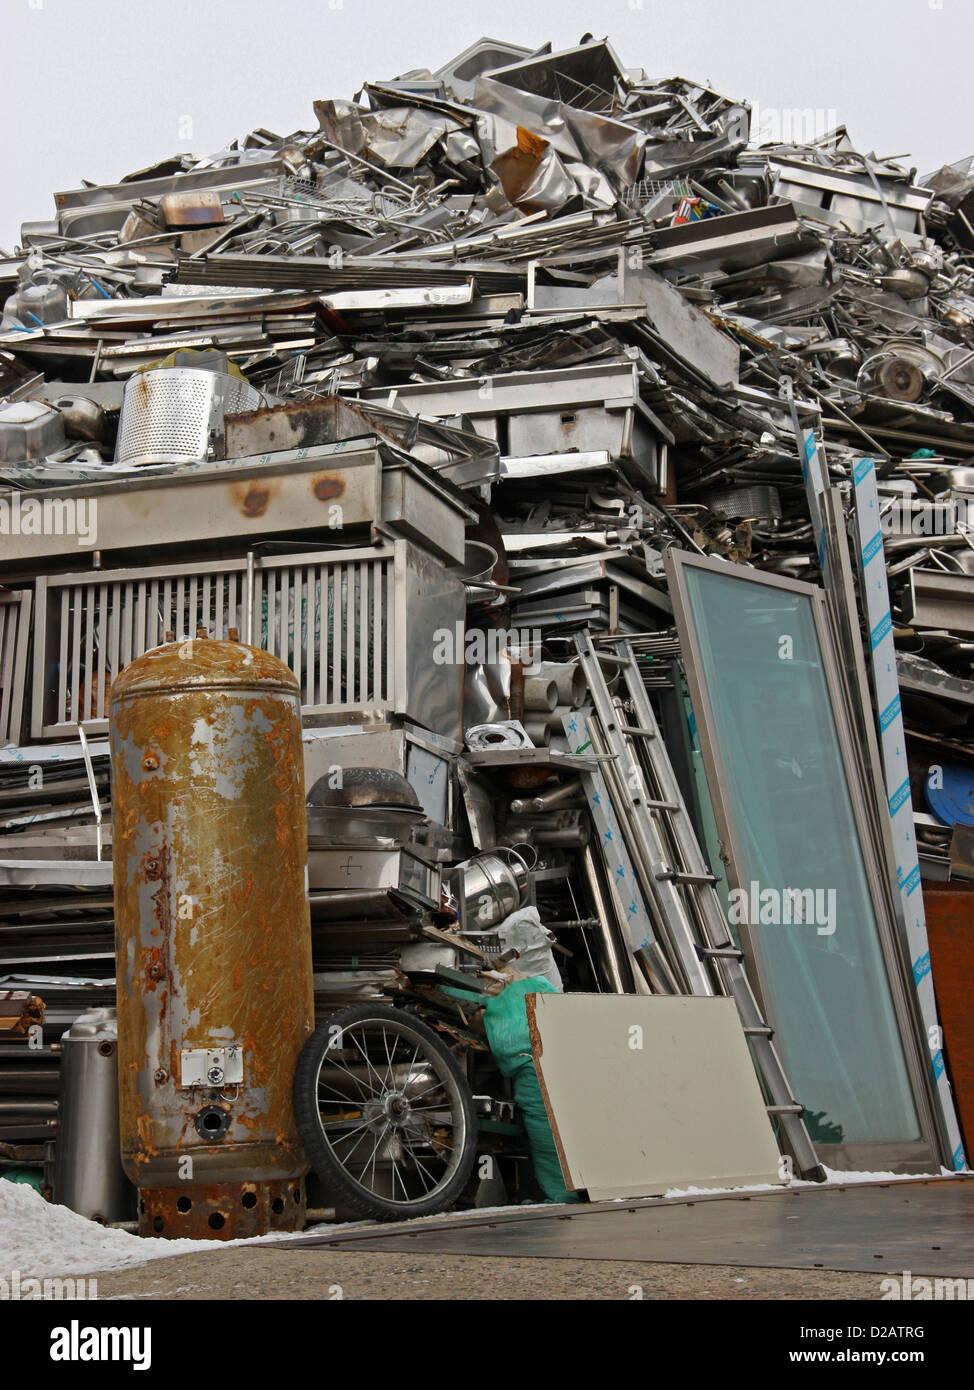 Depósito de chatarra de Jeonju, Corea del Sur Foto de stock